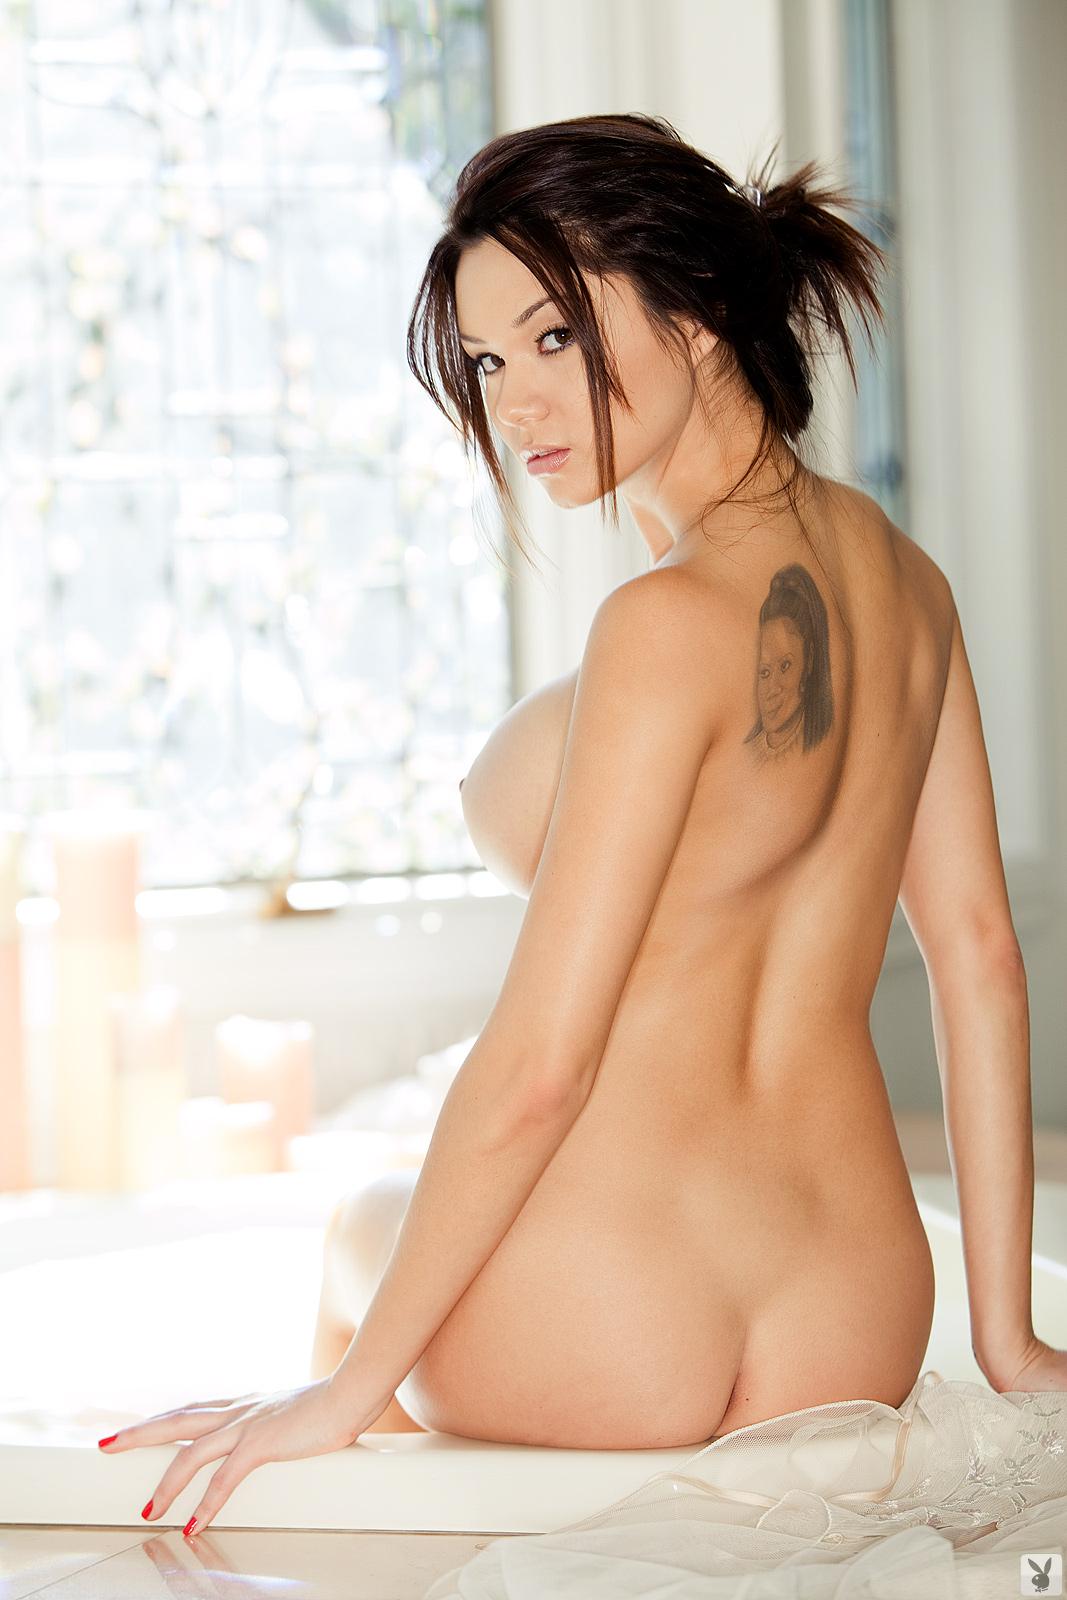 sexy artis coduri naked